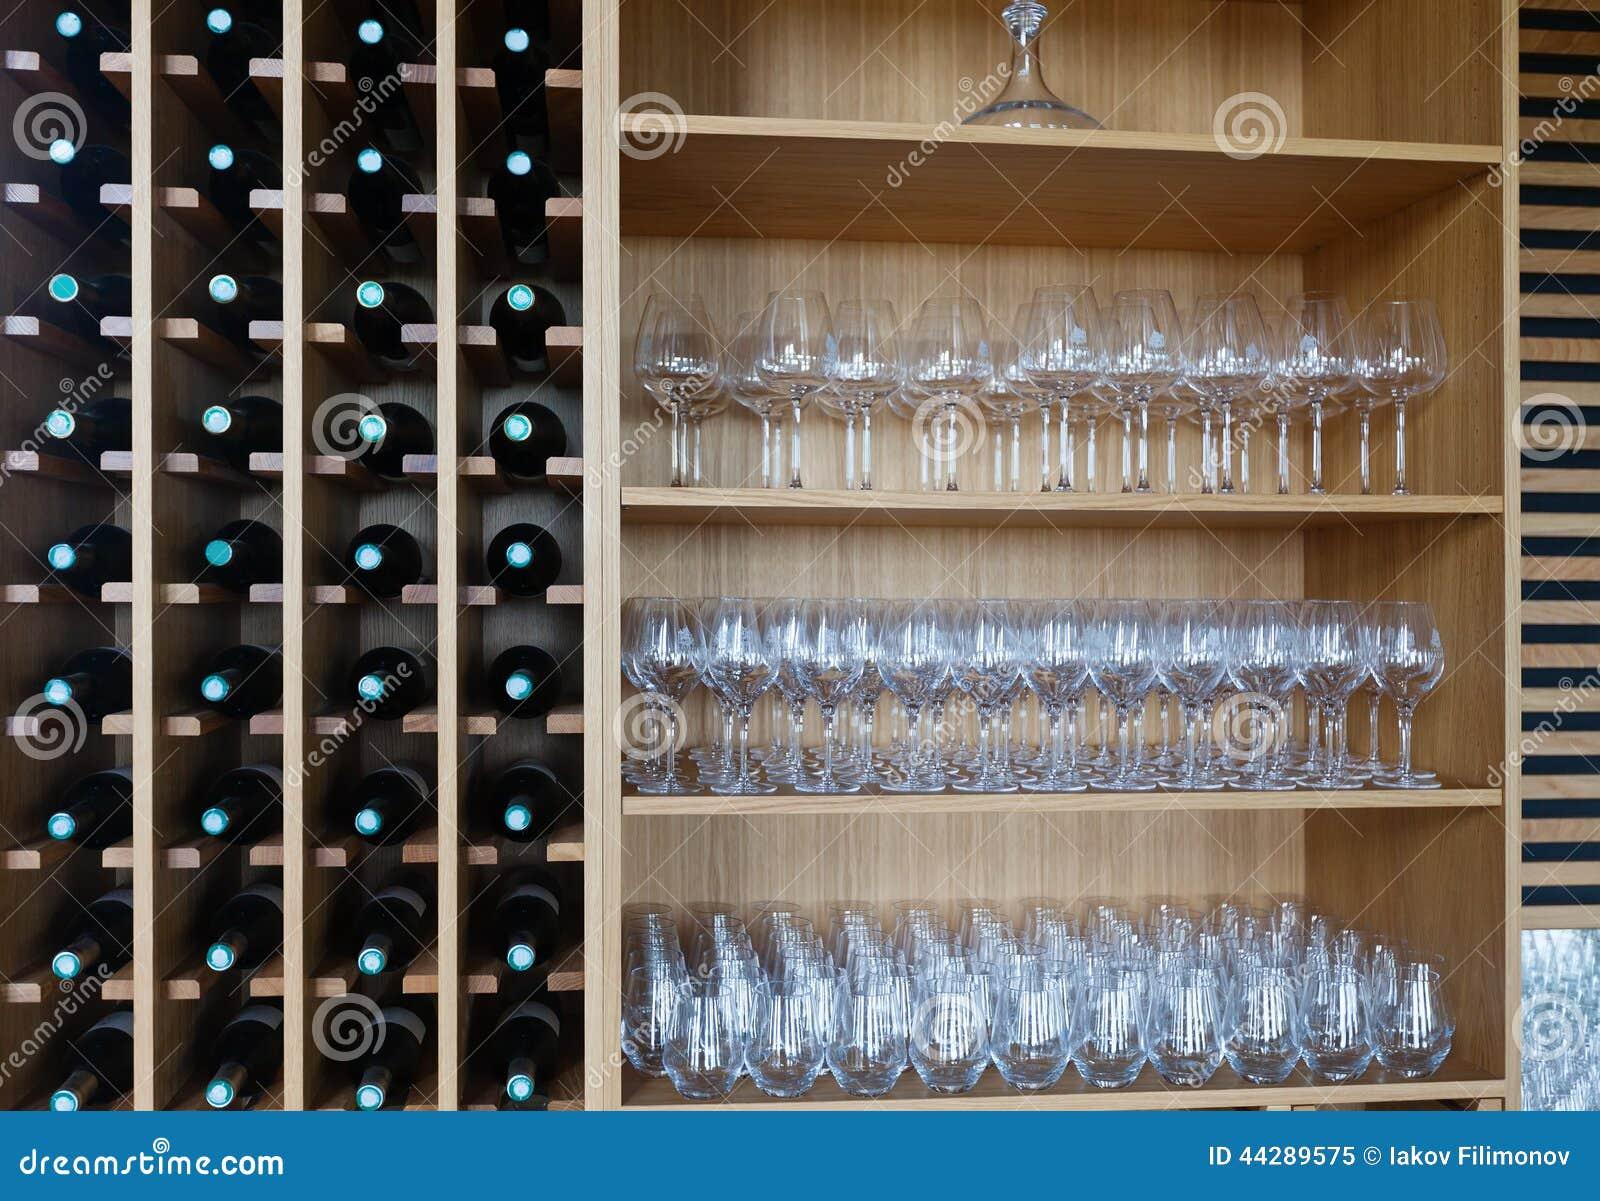 Prateleiras com garrafas e copos de vinho de vinho foto de - Estantes para vinos ...